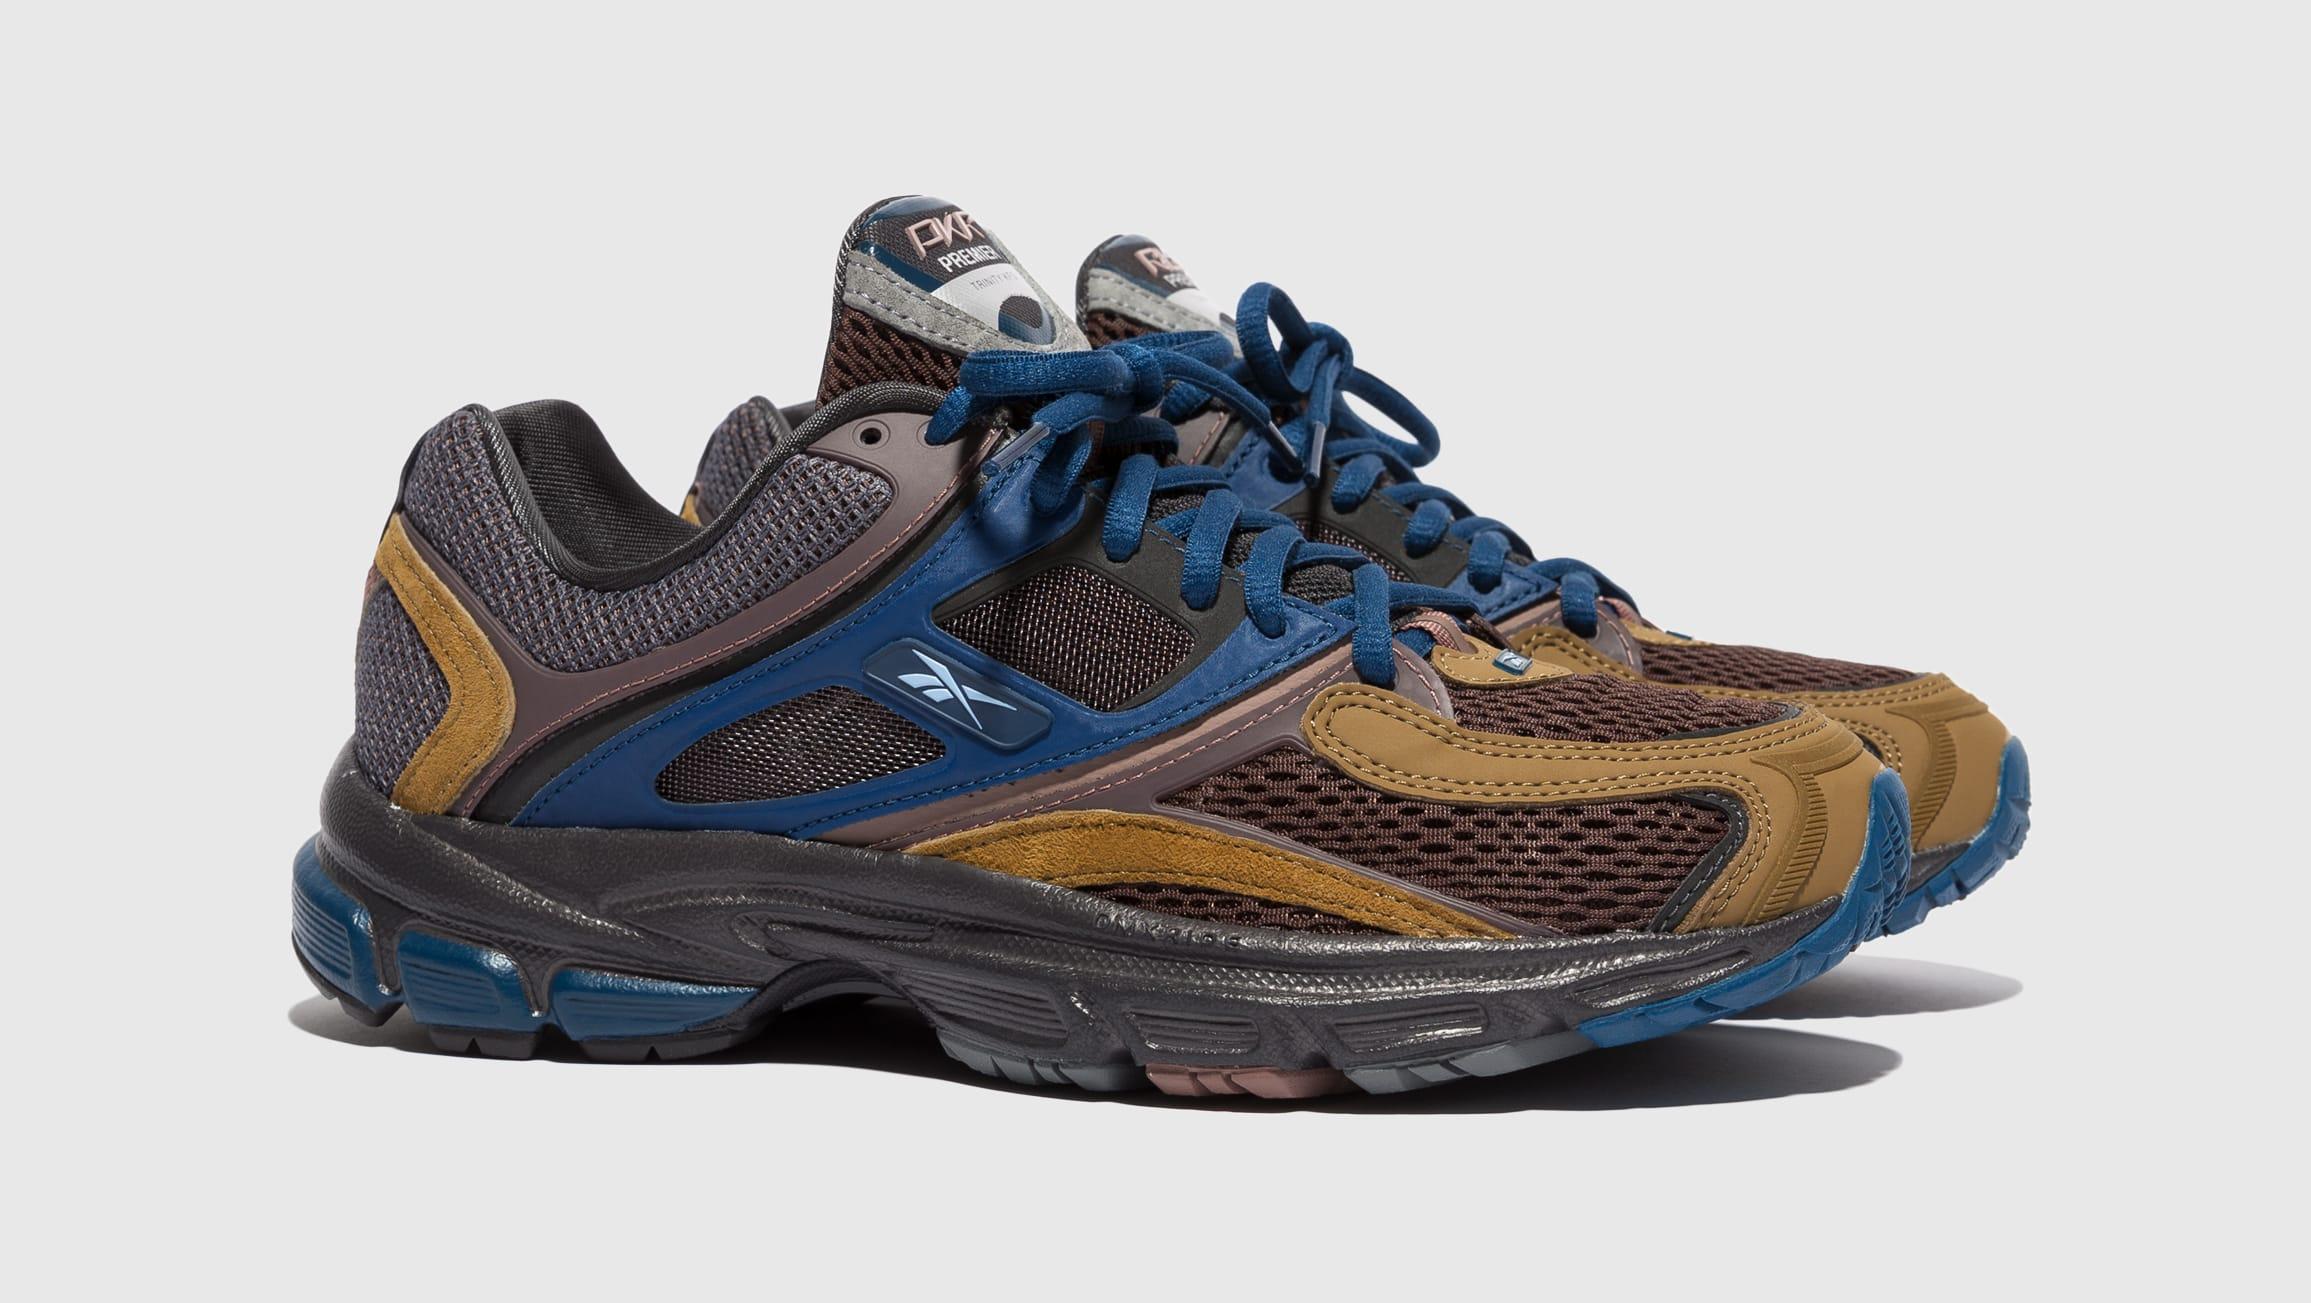 Packer Shoes x Reebok Trinity Premier Brown FY3408 Pair